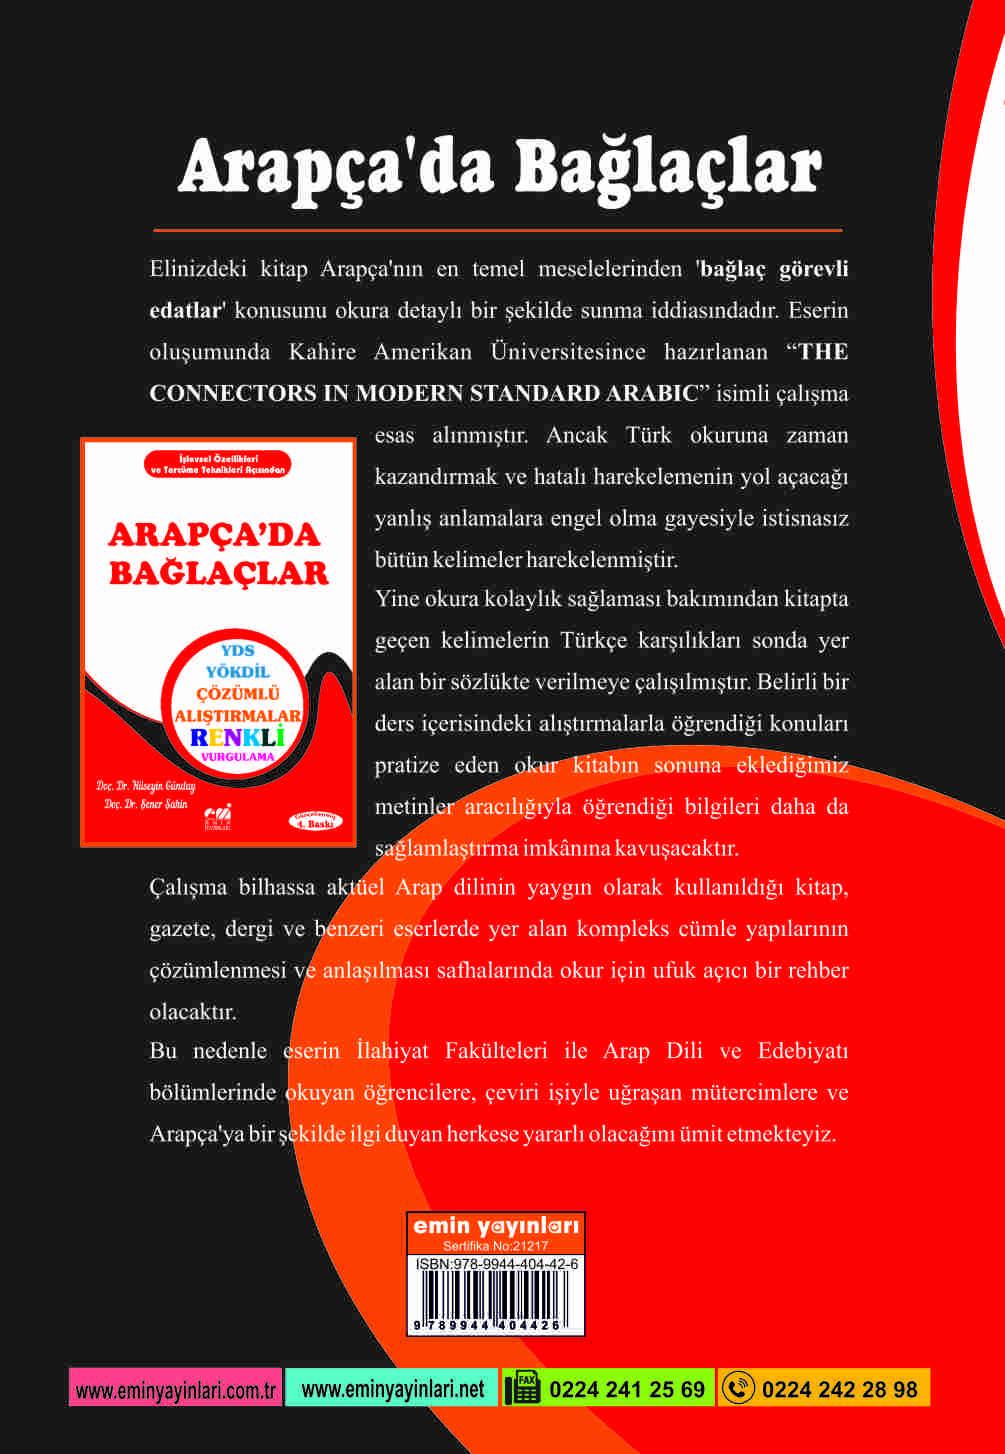 ARAPÇA'DA BAĞLAÇLAR YDS-YÖKDİL ÇÖZÜMLÜ ALIŞTIRMALAR; Örnek Tercümeli Metinlerle Destekli